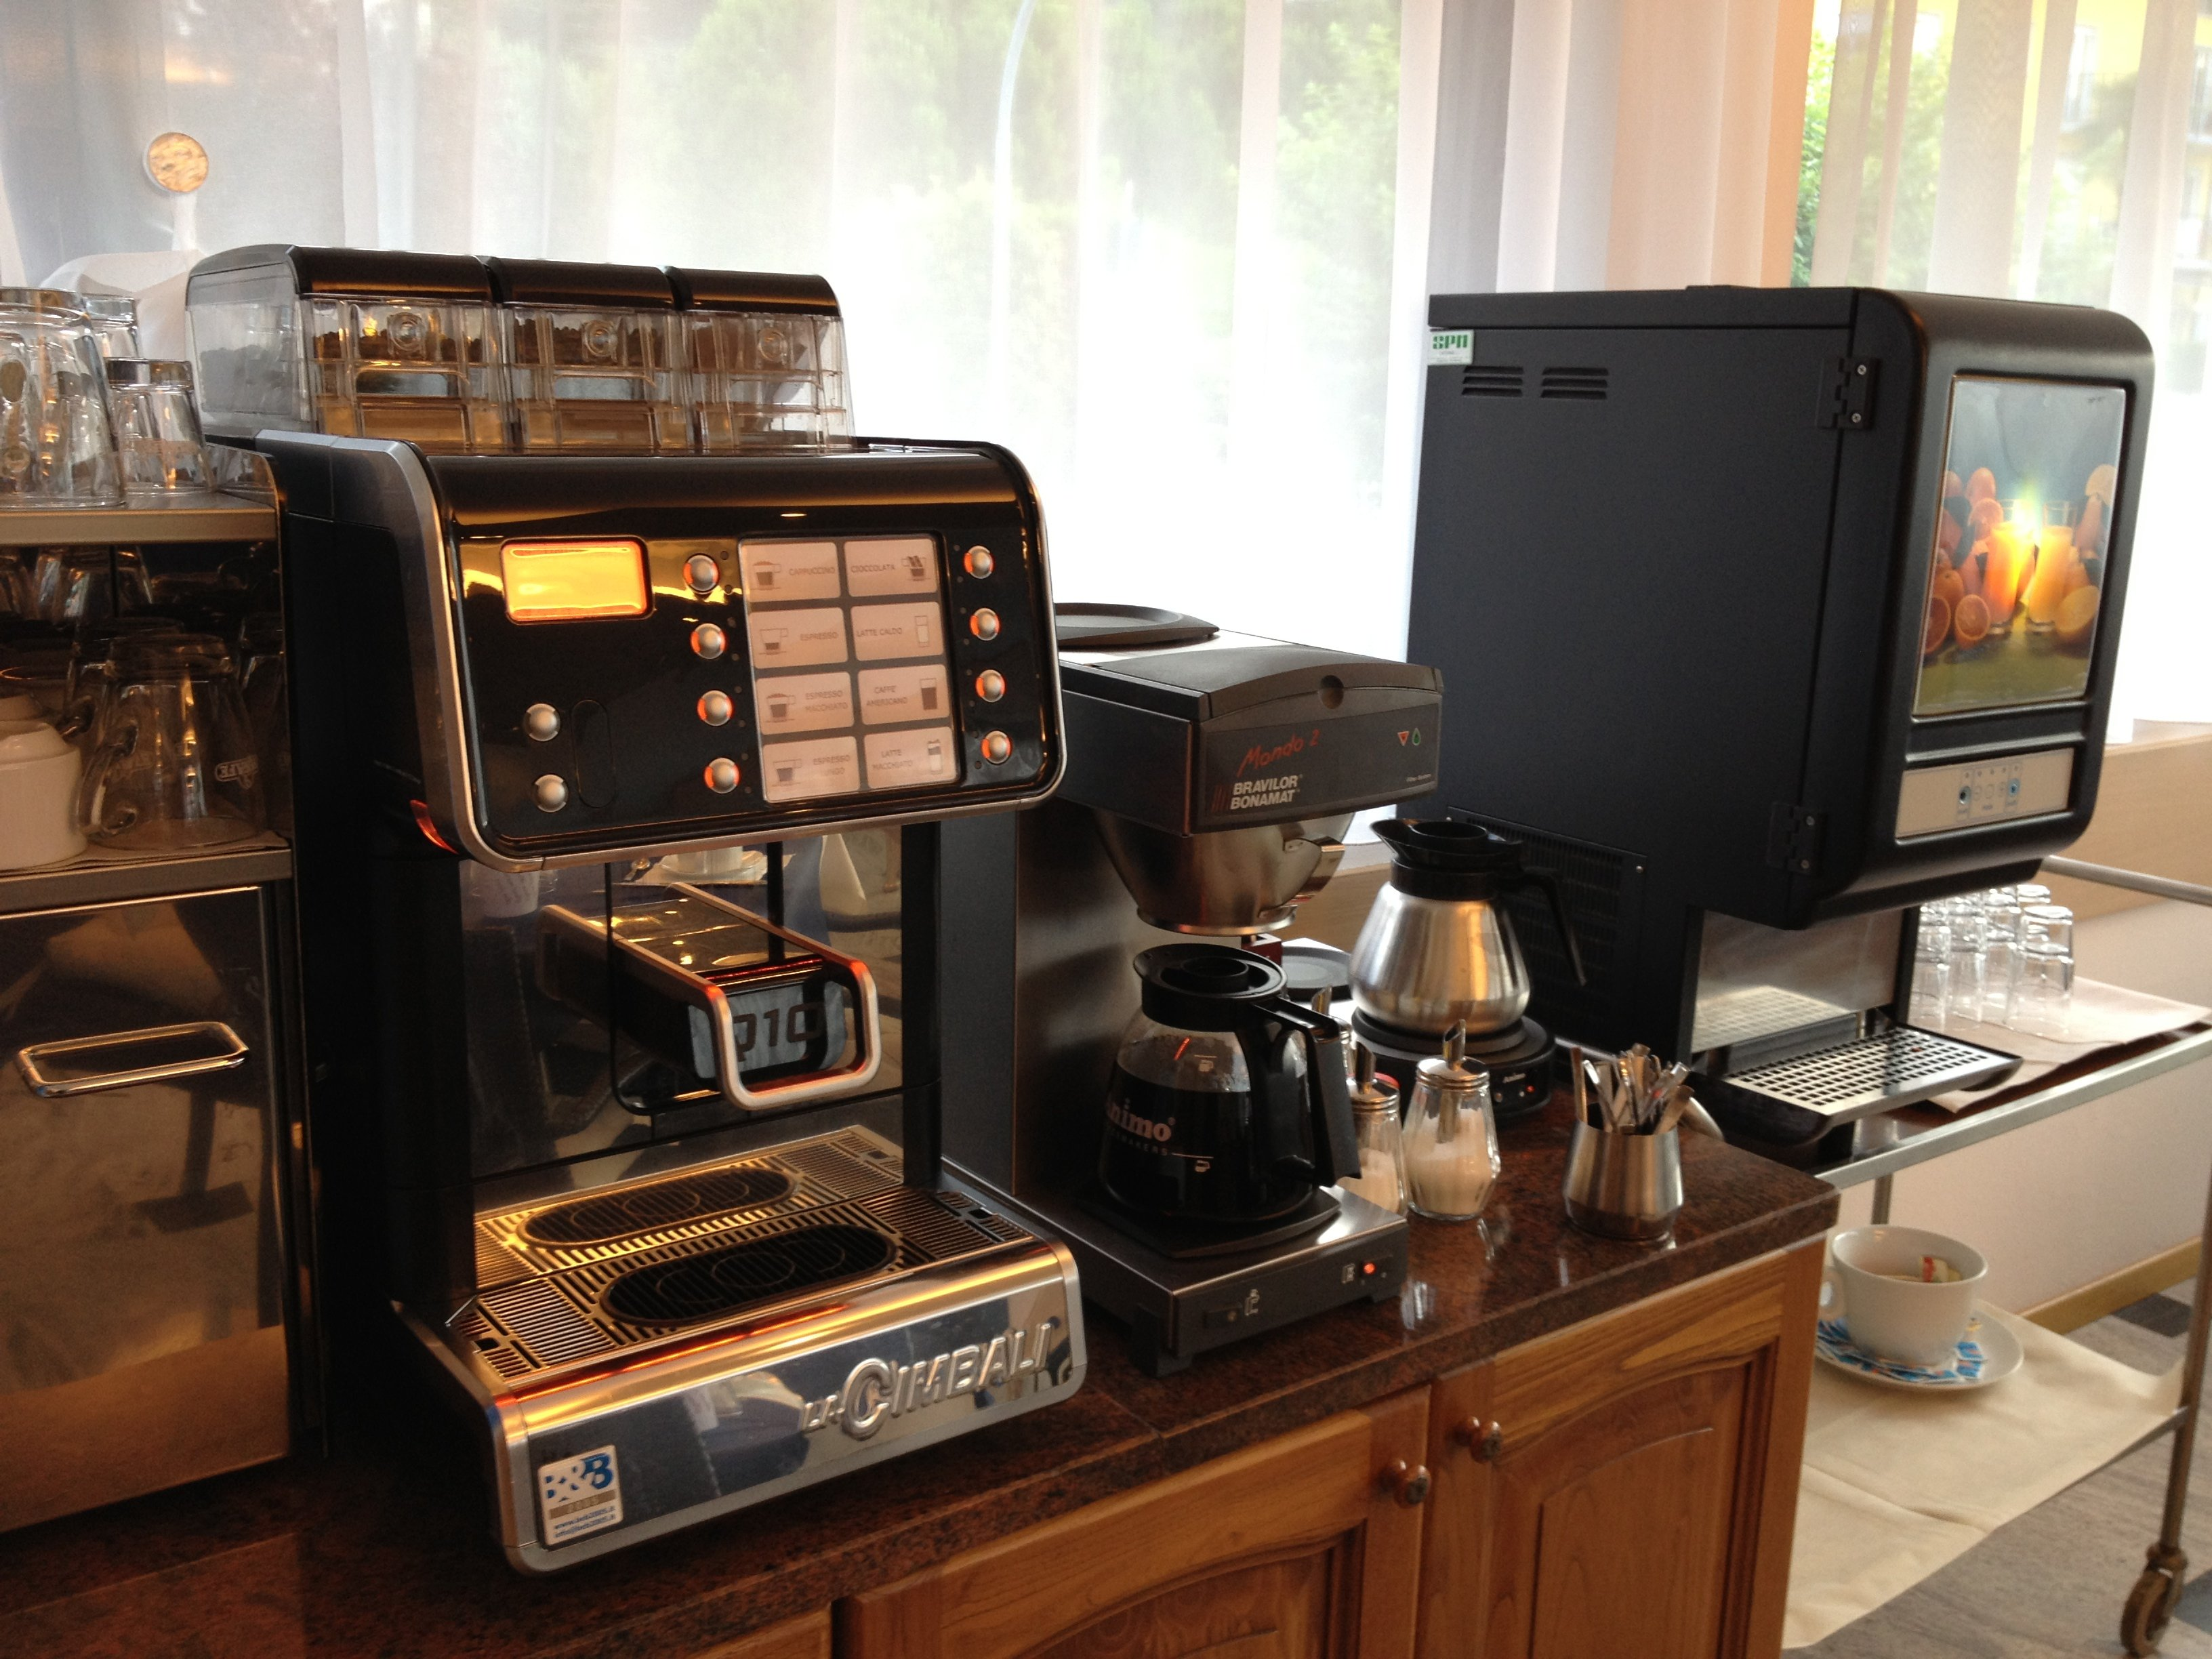 Macchina del caffè per colazione